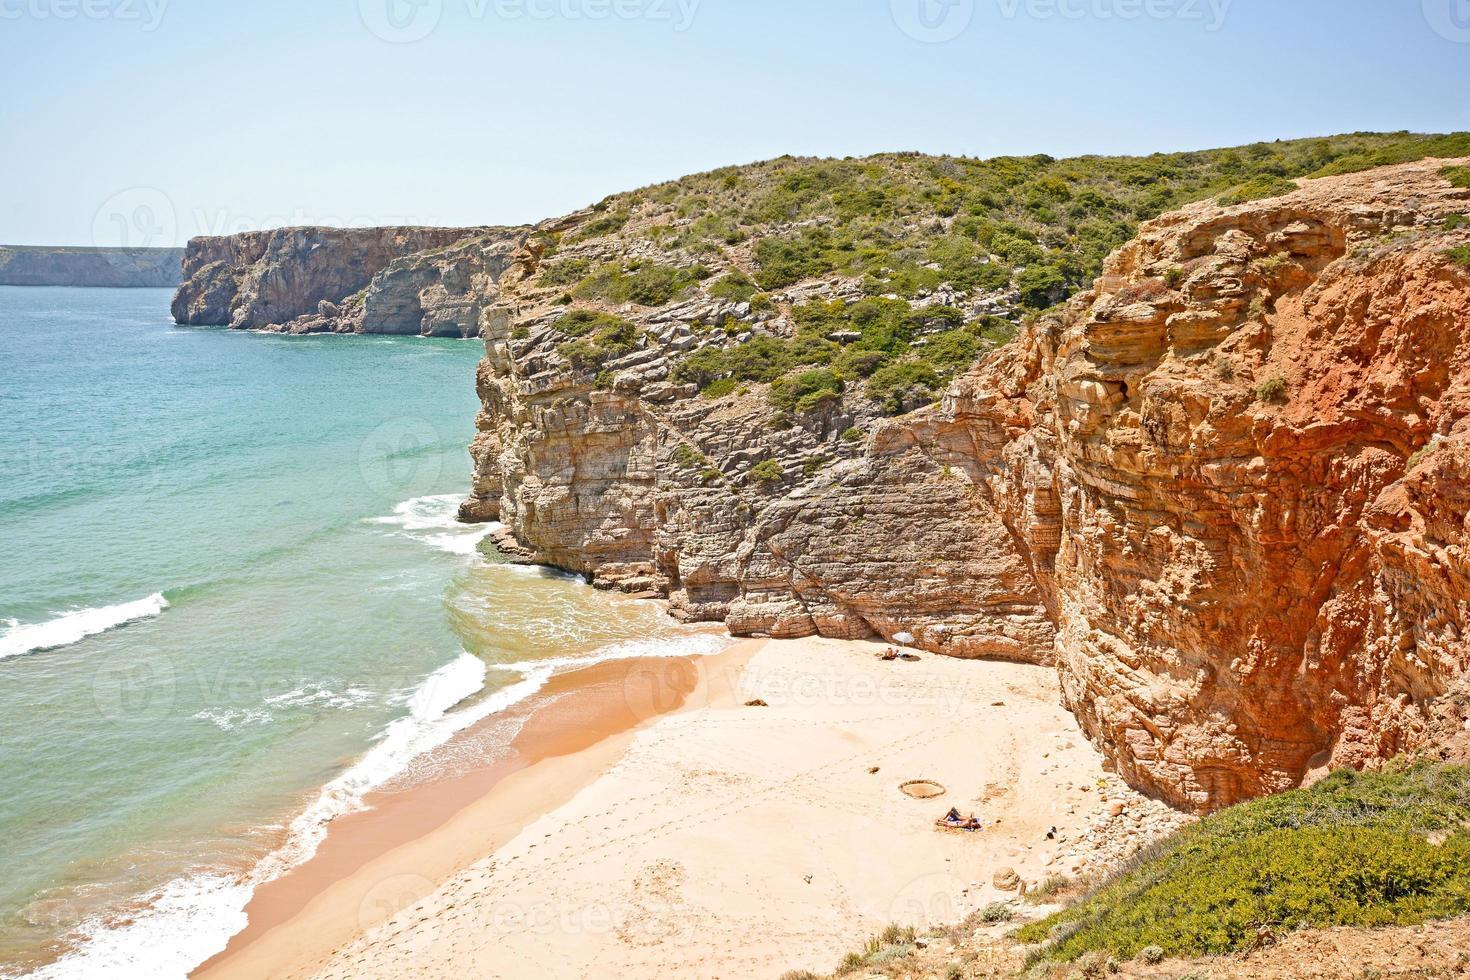 Praia do beliche, strand nära cabo sao vicente, portugal i algarve foto